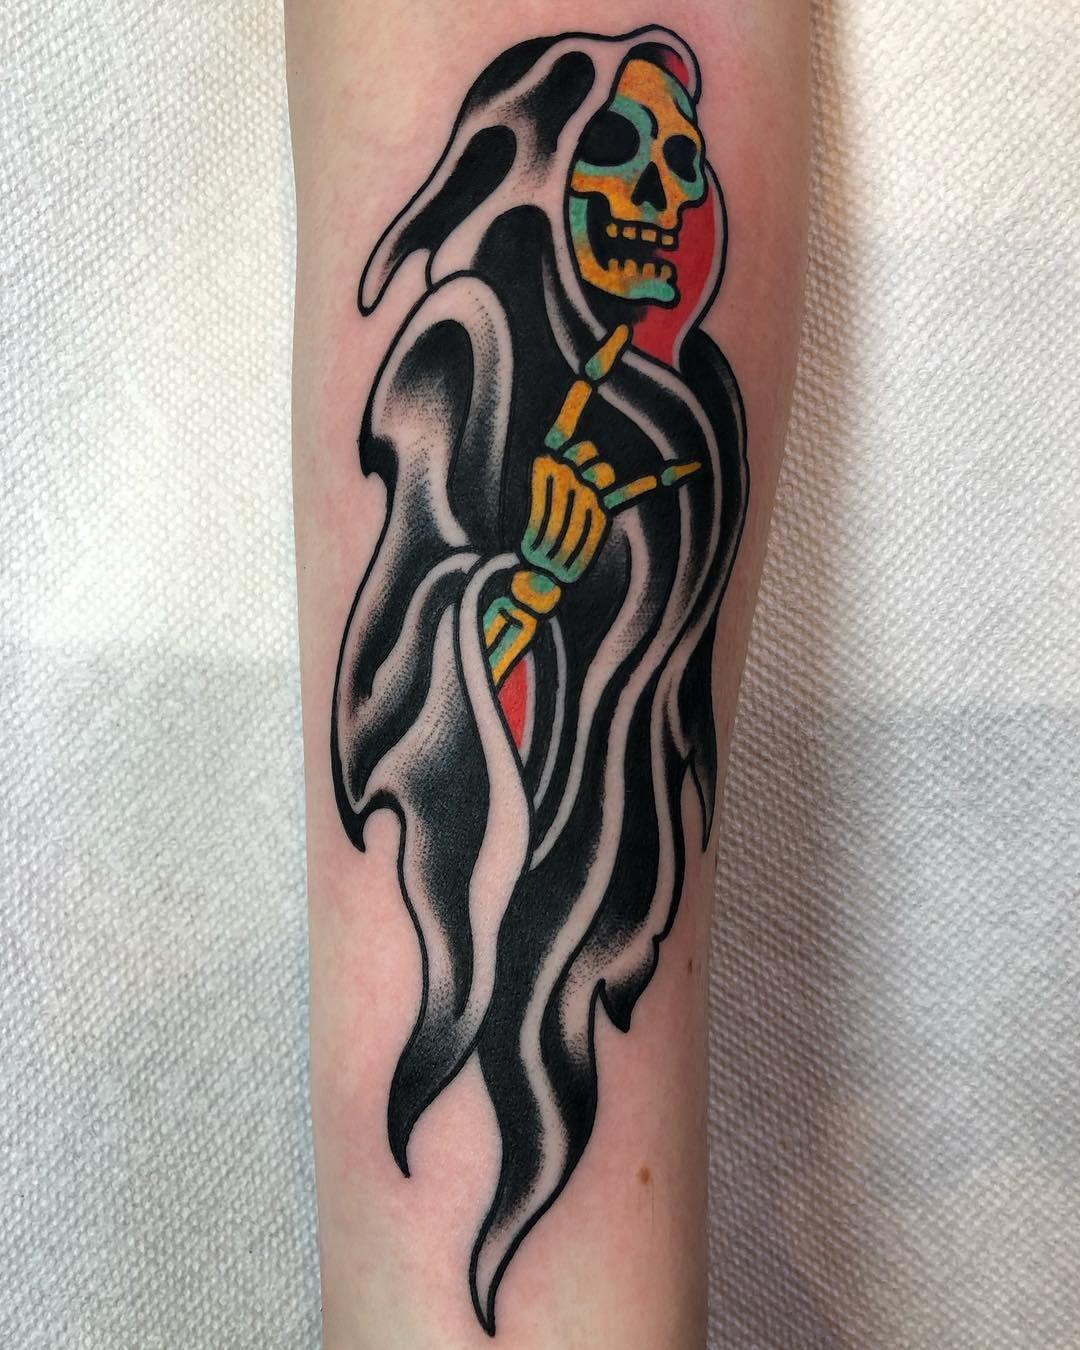 #reaper-tattoo on Tumblr